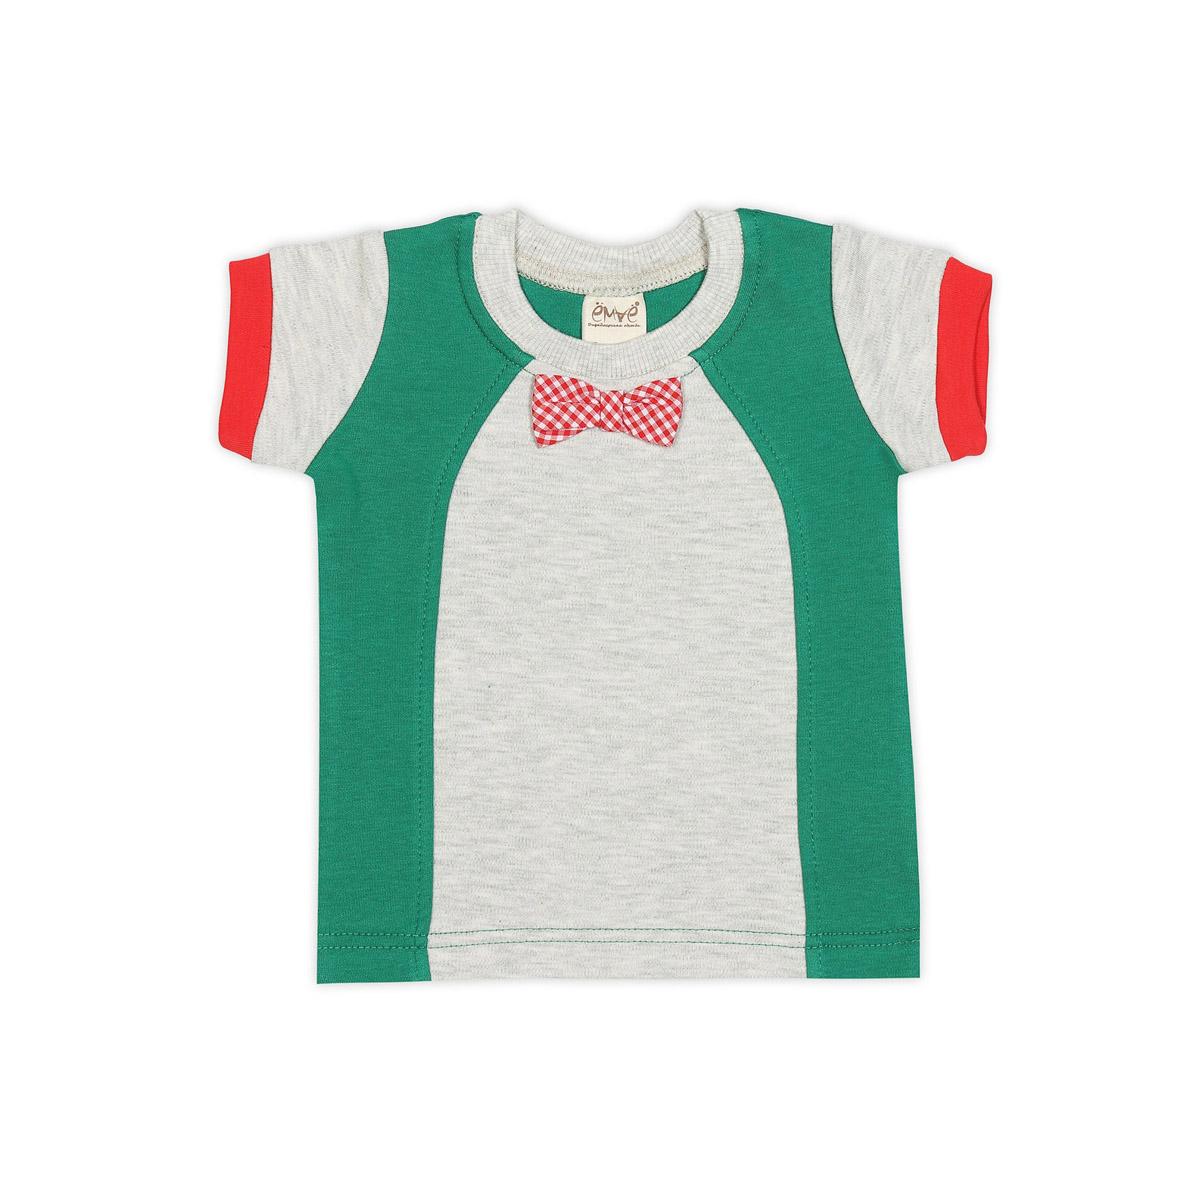 Футболка Ёмаё Хохлома (27-636) рост 68 светло серый меланж с зеленым<br>